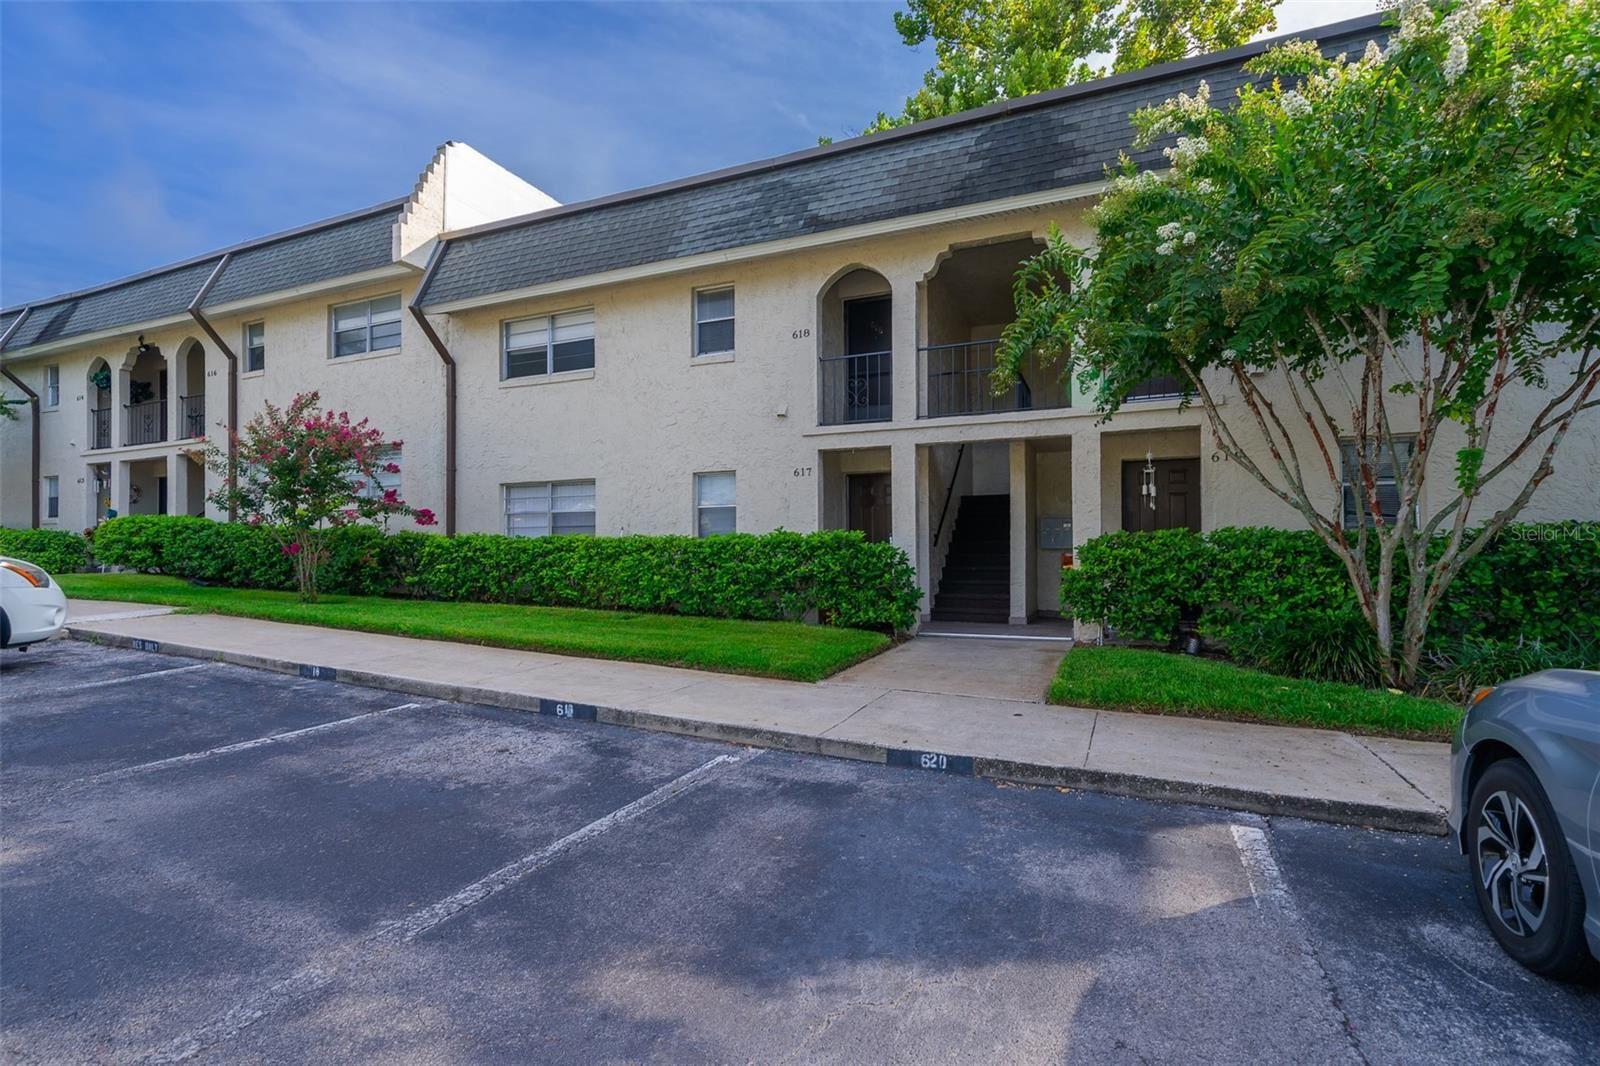 618 E SAN SEBASTIAN COURT #618, Altamonte Springs, FL 32714 - #: O5961320